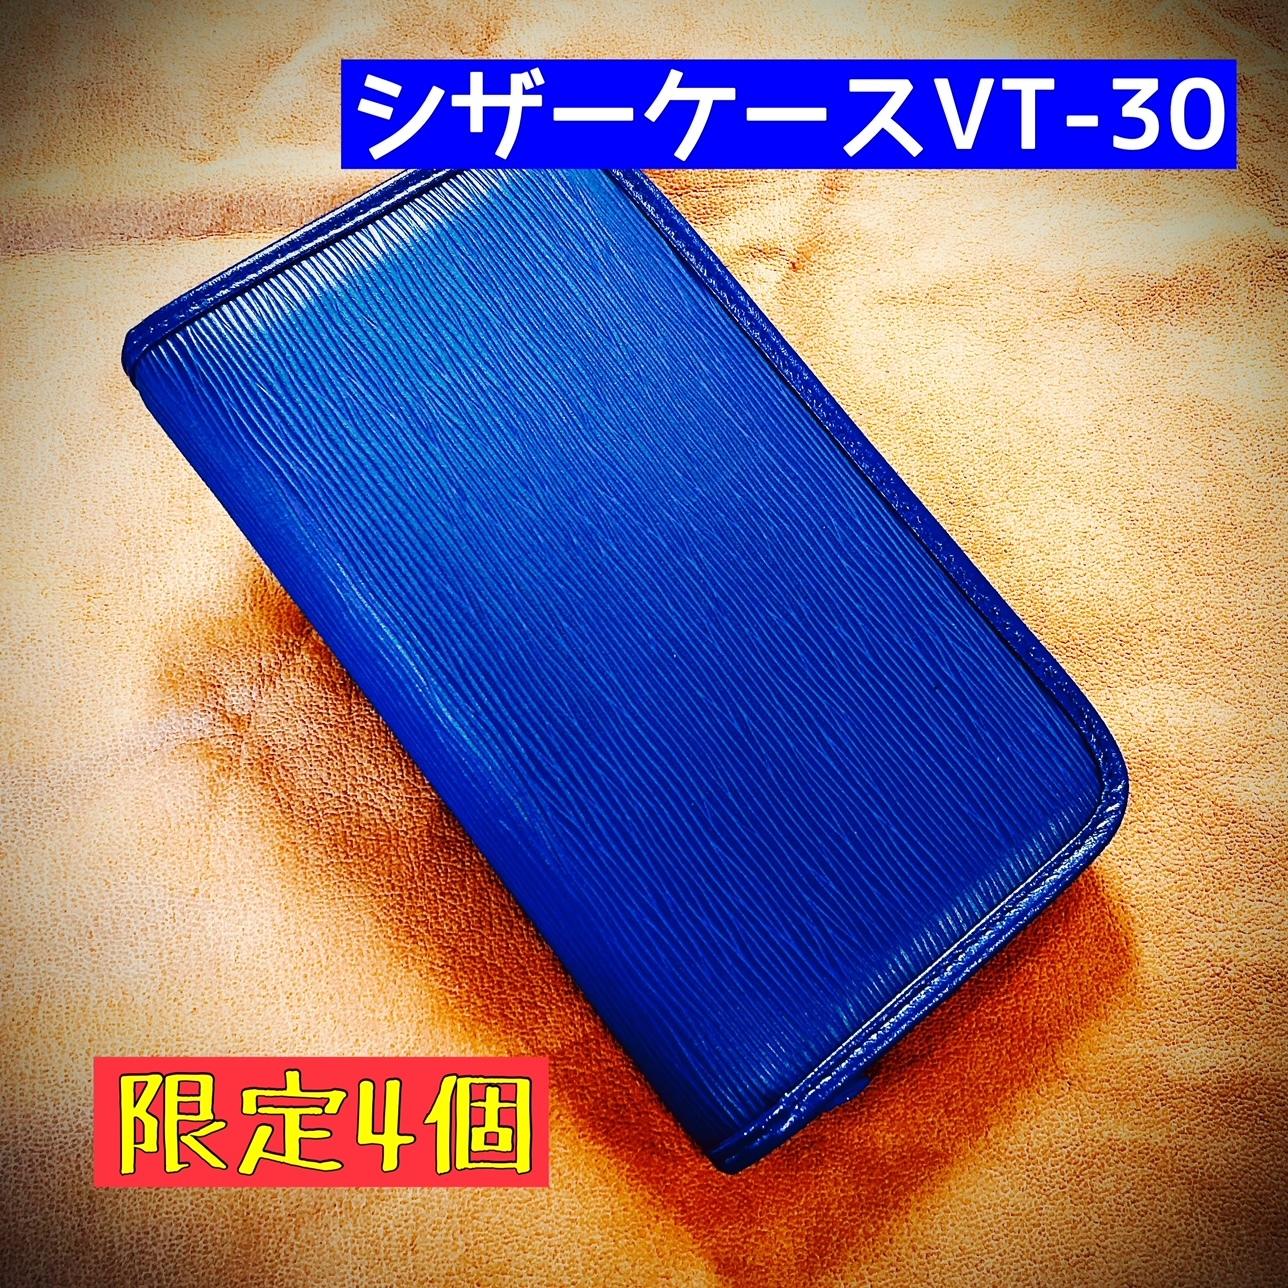 シザーケース VT-30  (BLUE)